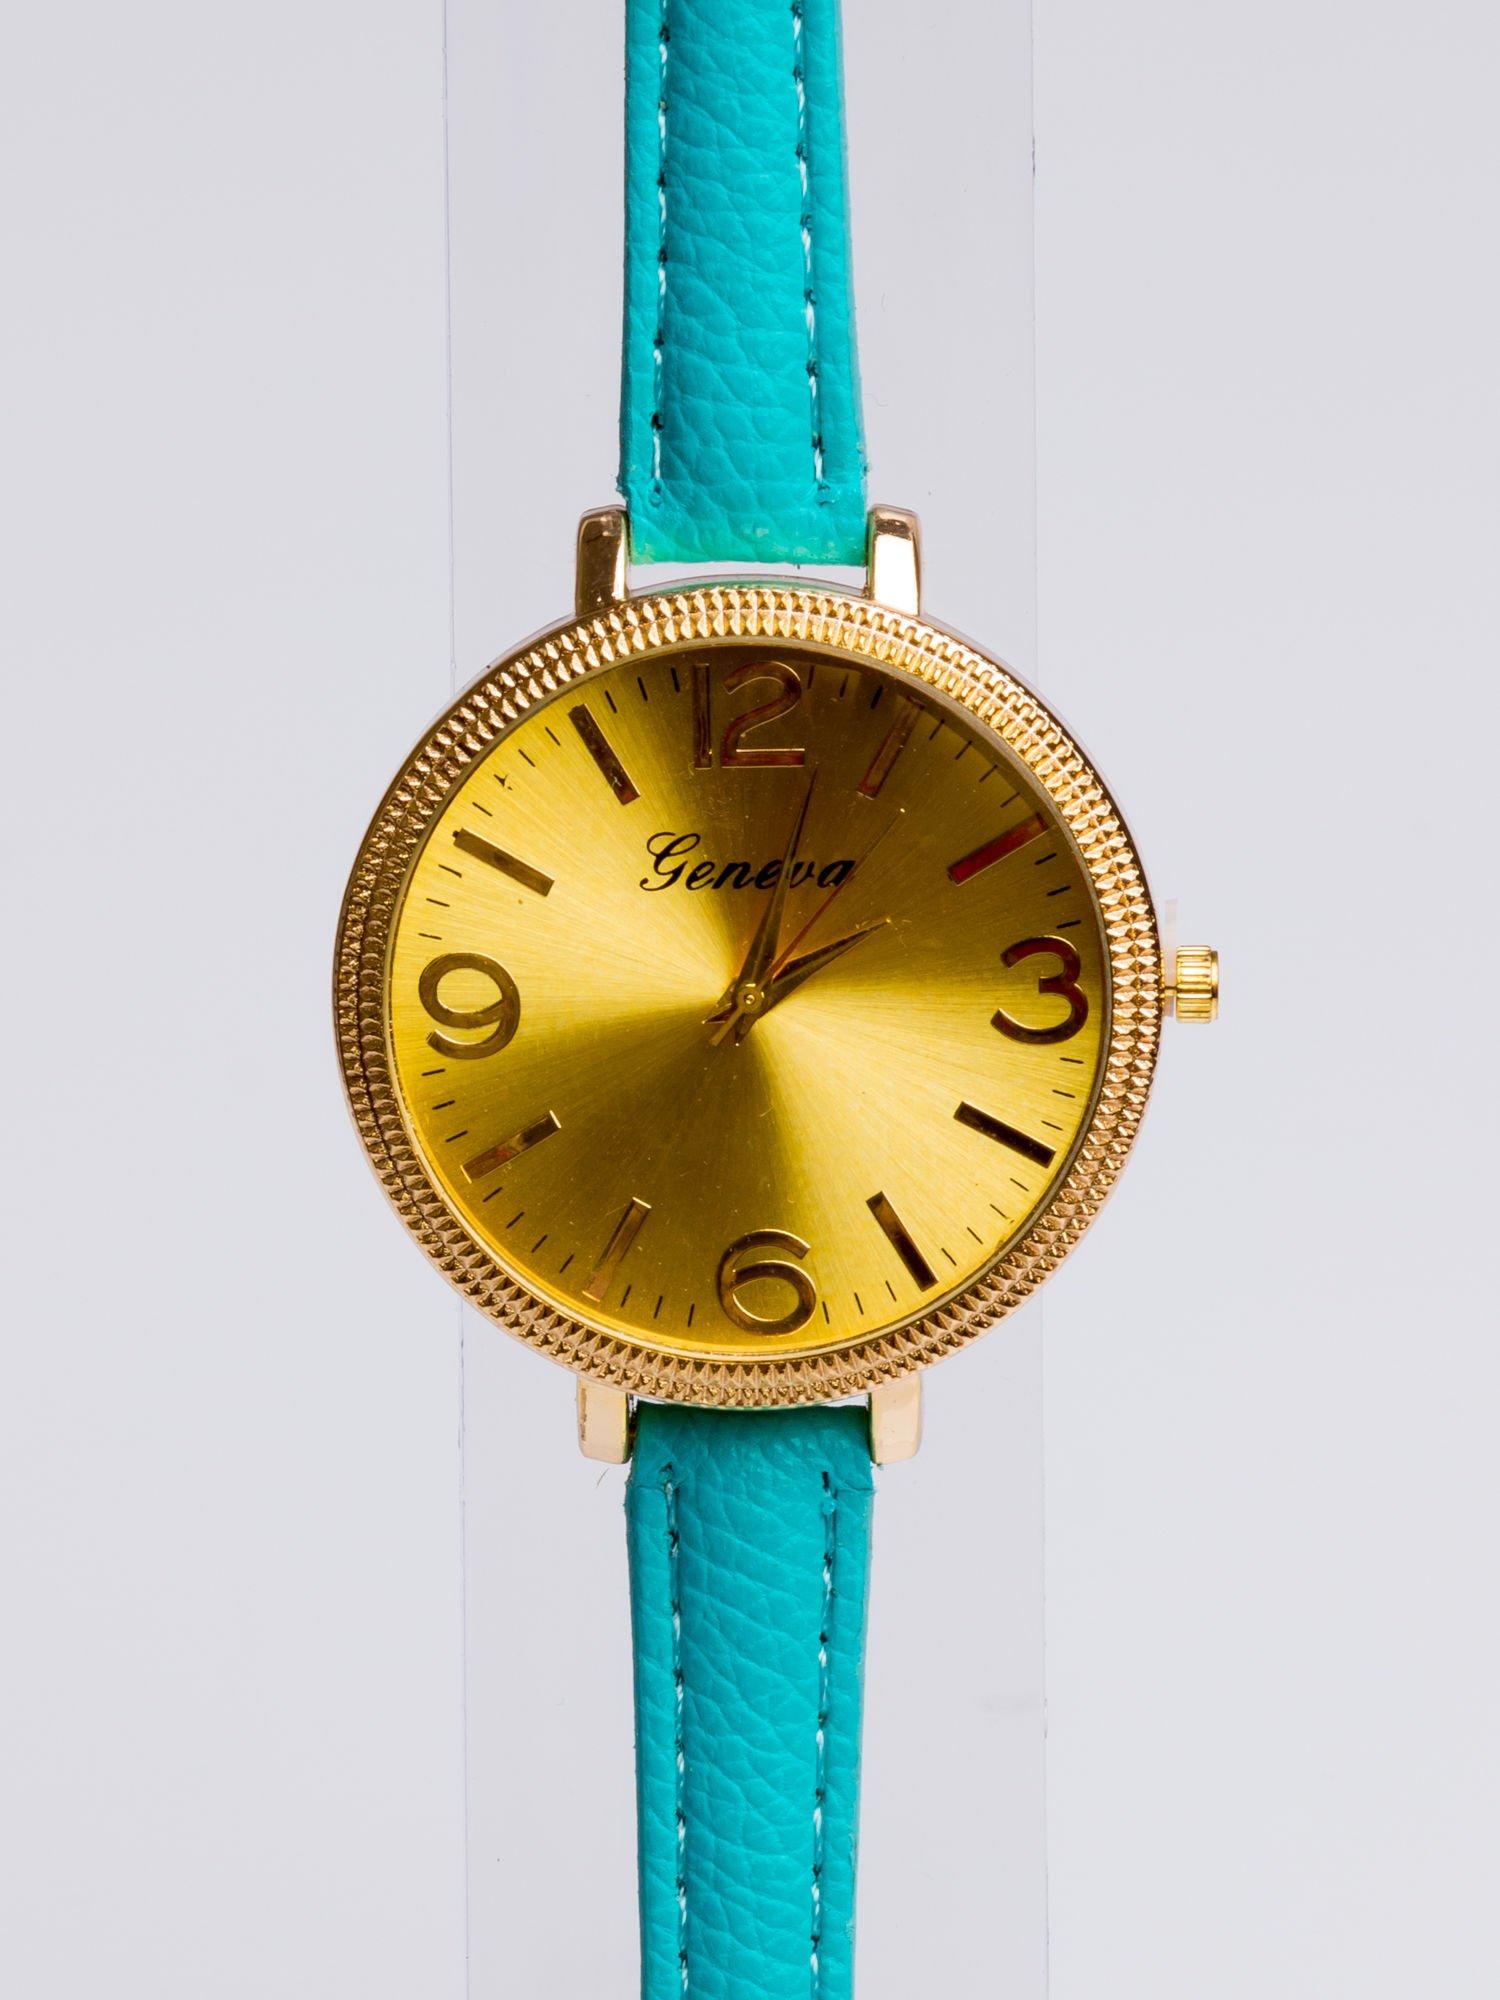 GENEVA Modny zegarek damski z dużą tarczą na wąskim pasku                                  zdj.                                  2